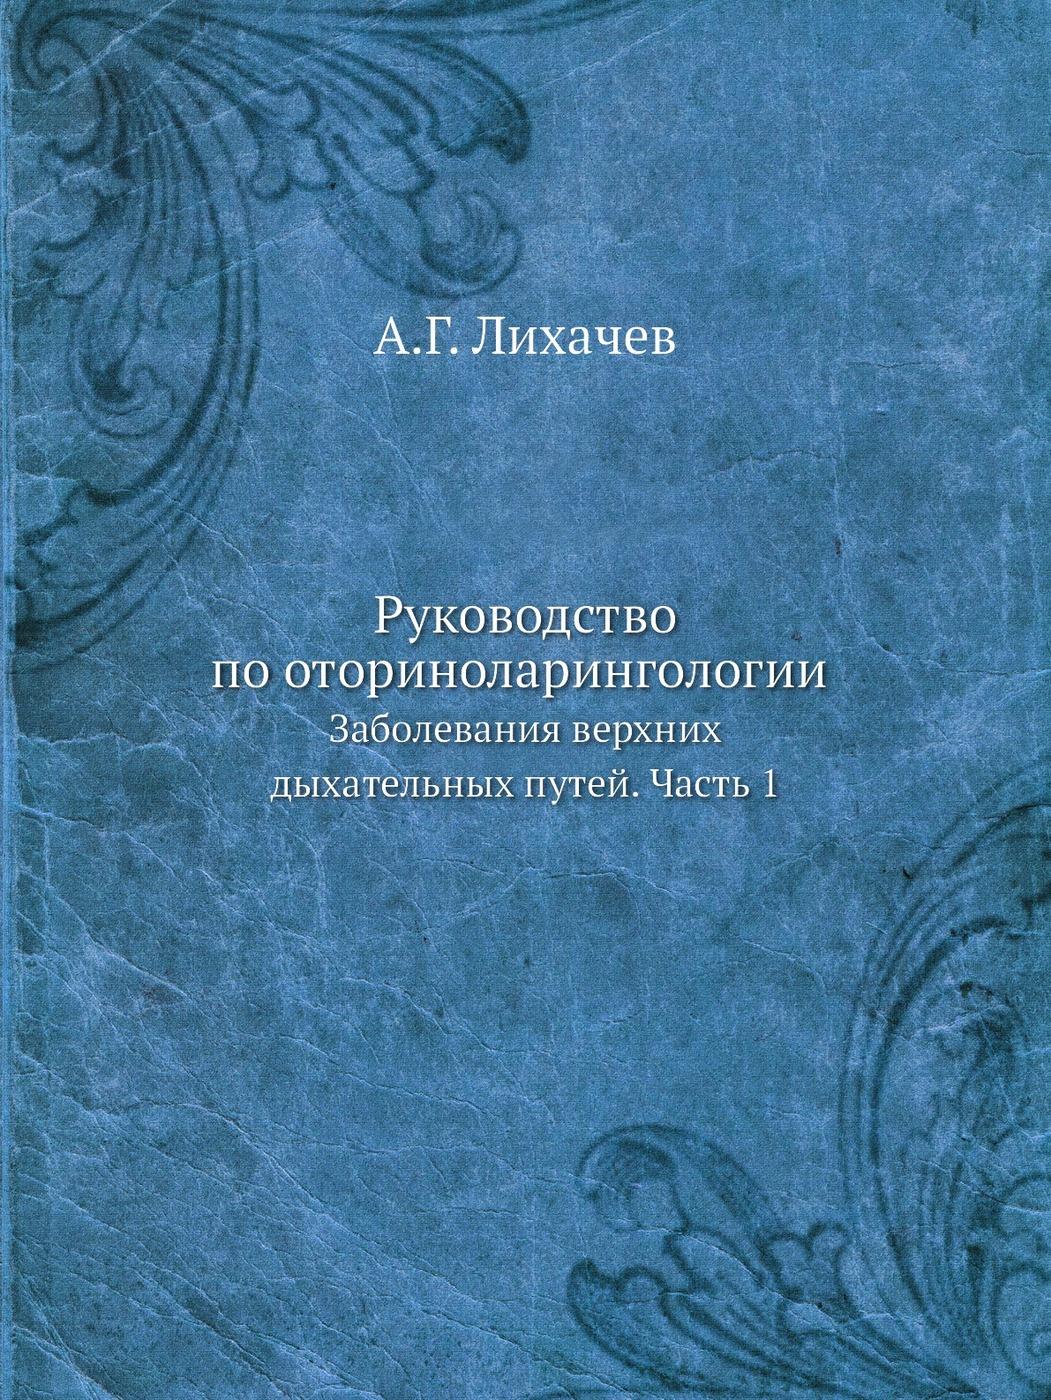 А.Г. Лихачев. Руководство по оториноларингологии. Заболевания верхних дыхательных путей. Часть 1